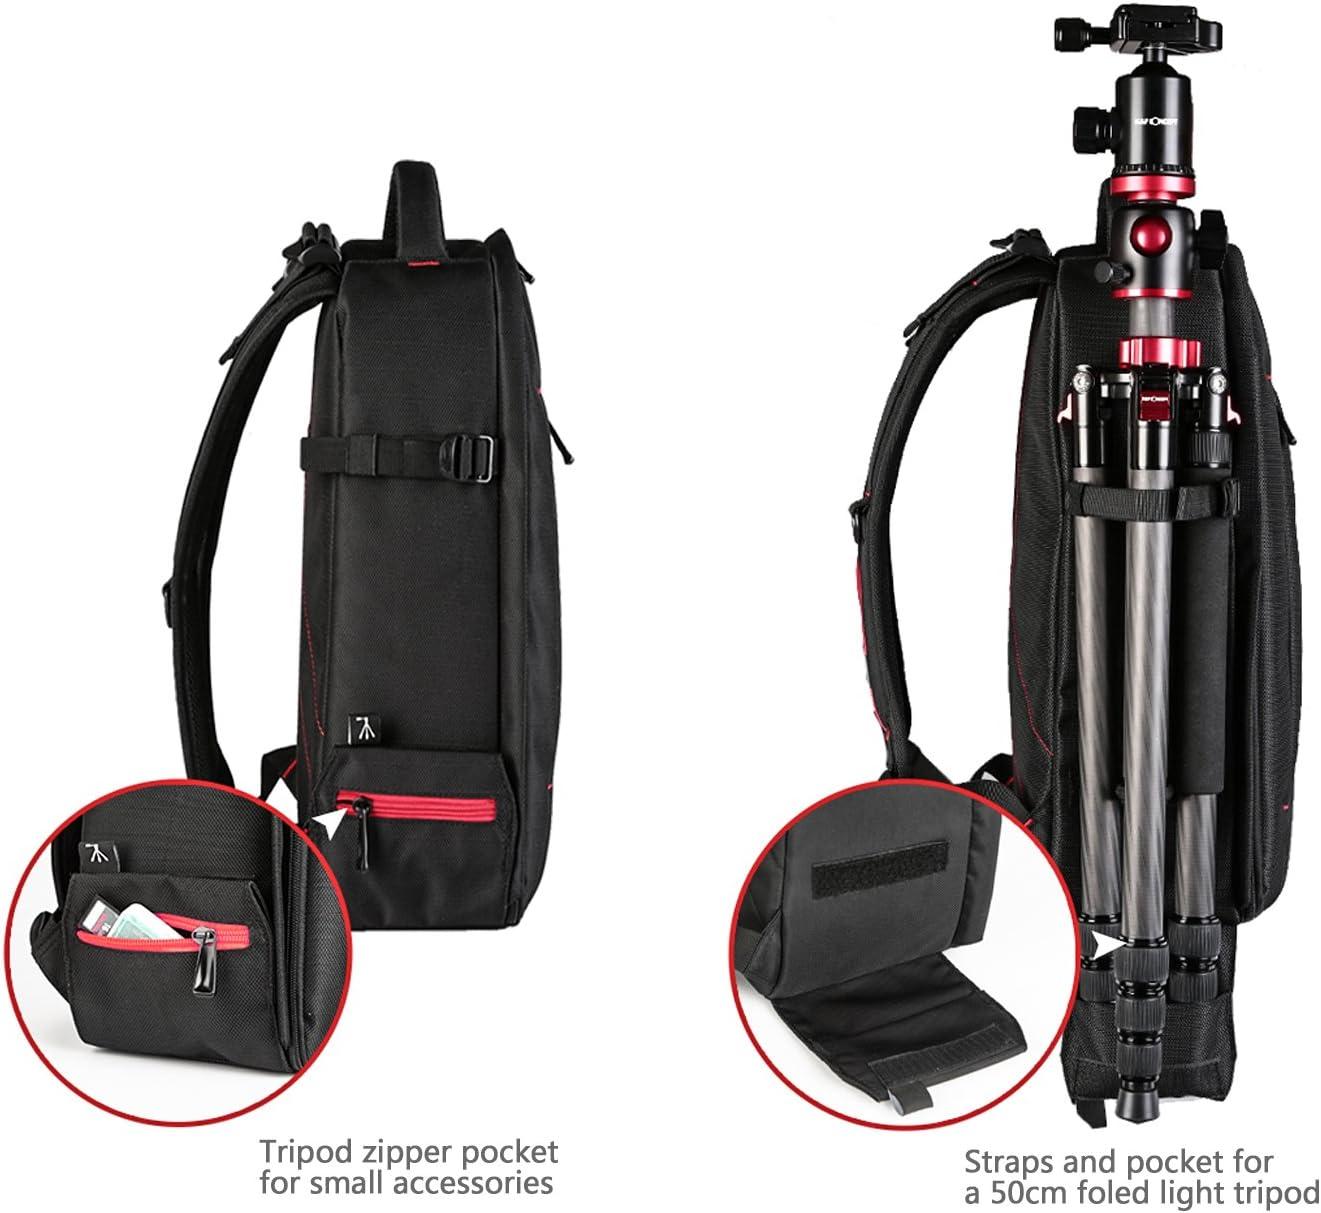 wasserdichte Kameratasche f/ür Sony Canon Nikon Olympus SLR//DSLR Kamera Beschoi DSLR Kamera-Rucksack gro/ß . Objektiv und Zubeh/ör schwarz